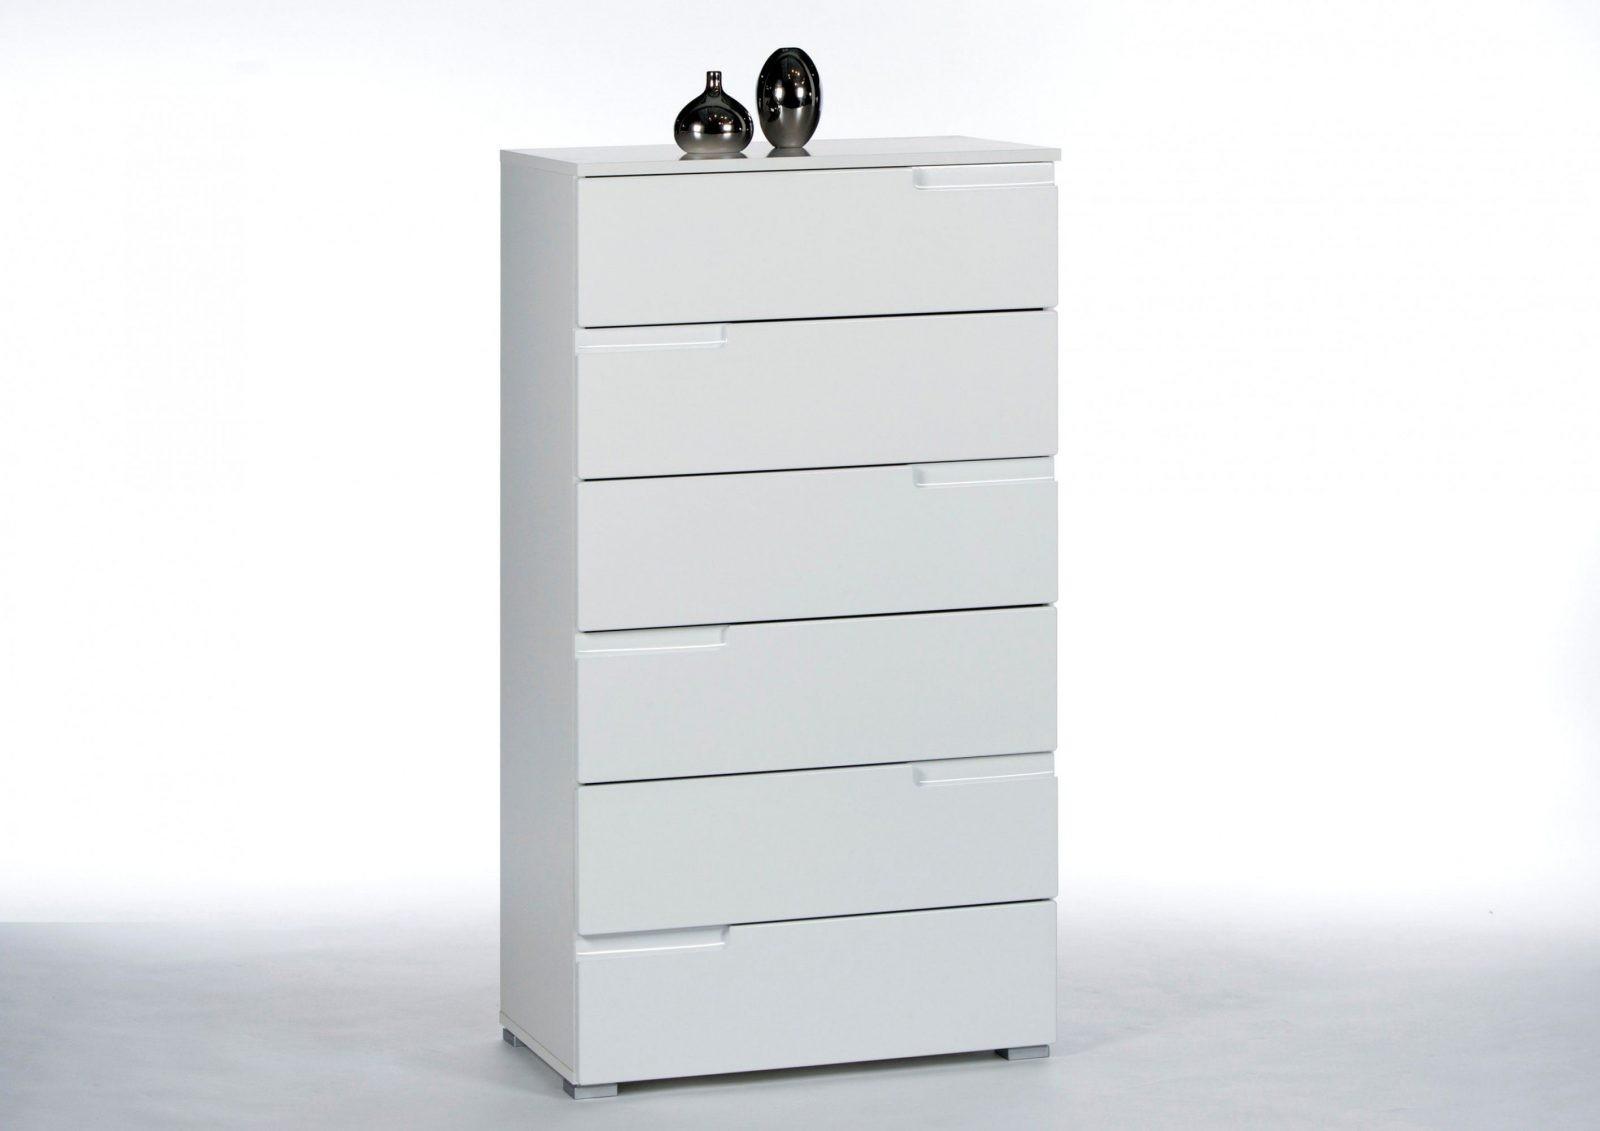 Schrank 30 Cm Tief Ikea | Haus Design Ideen